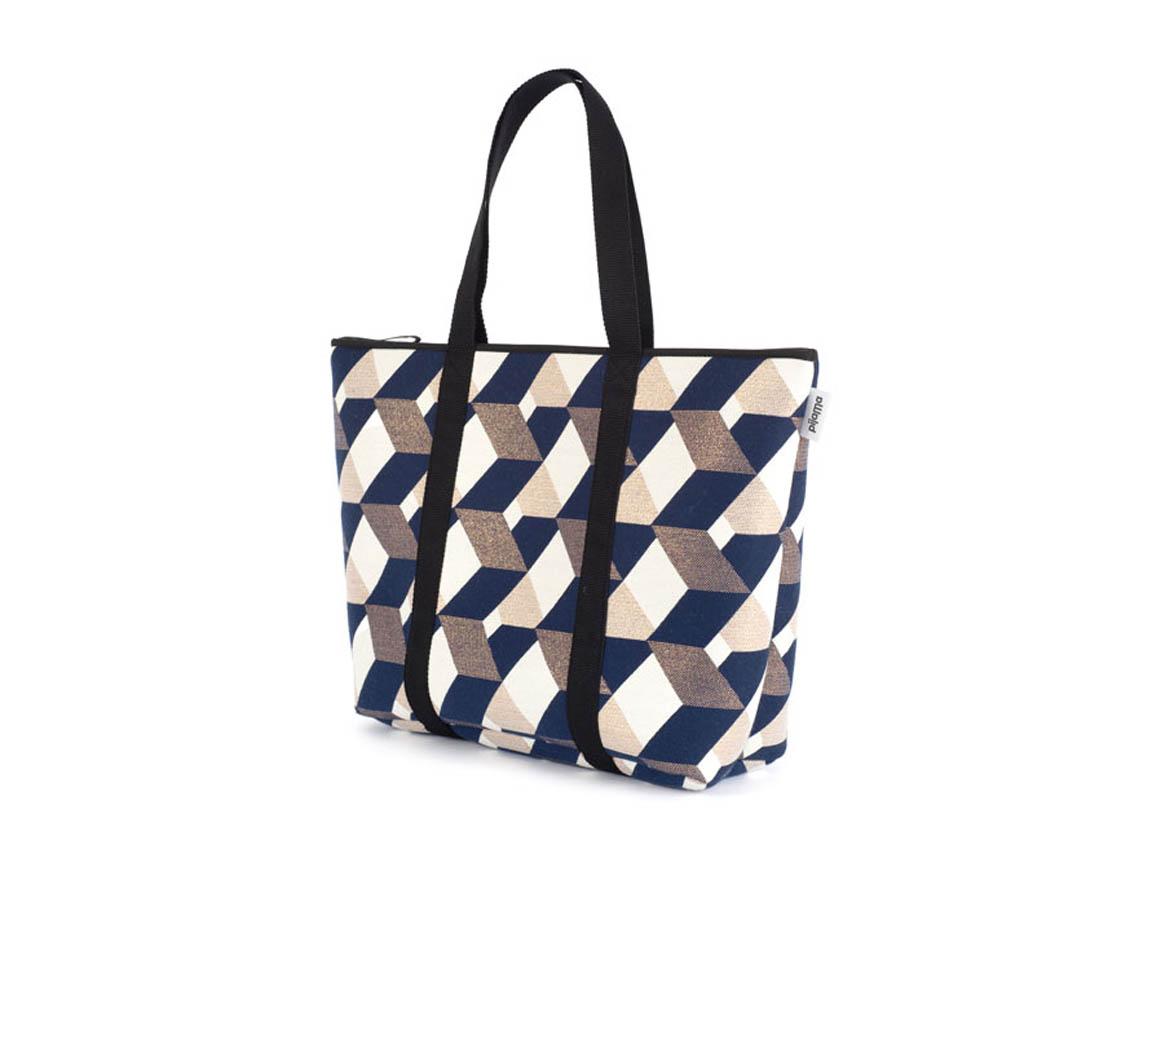 Grand sac shopping en néoprène recyclé Shopping Bag